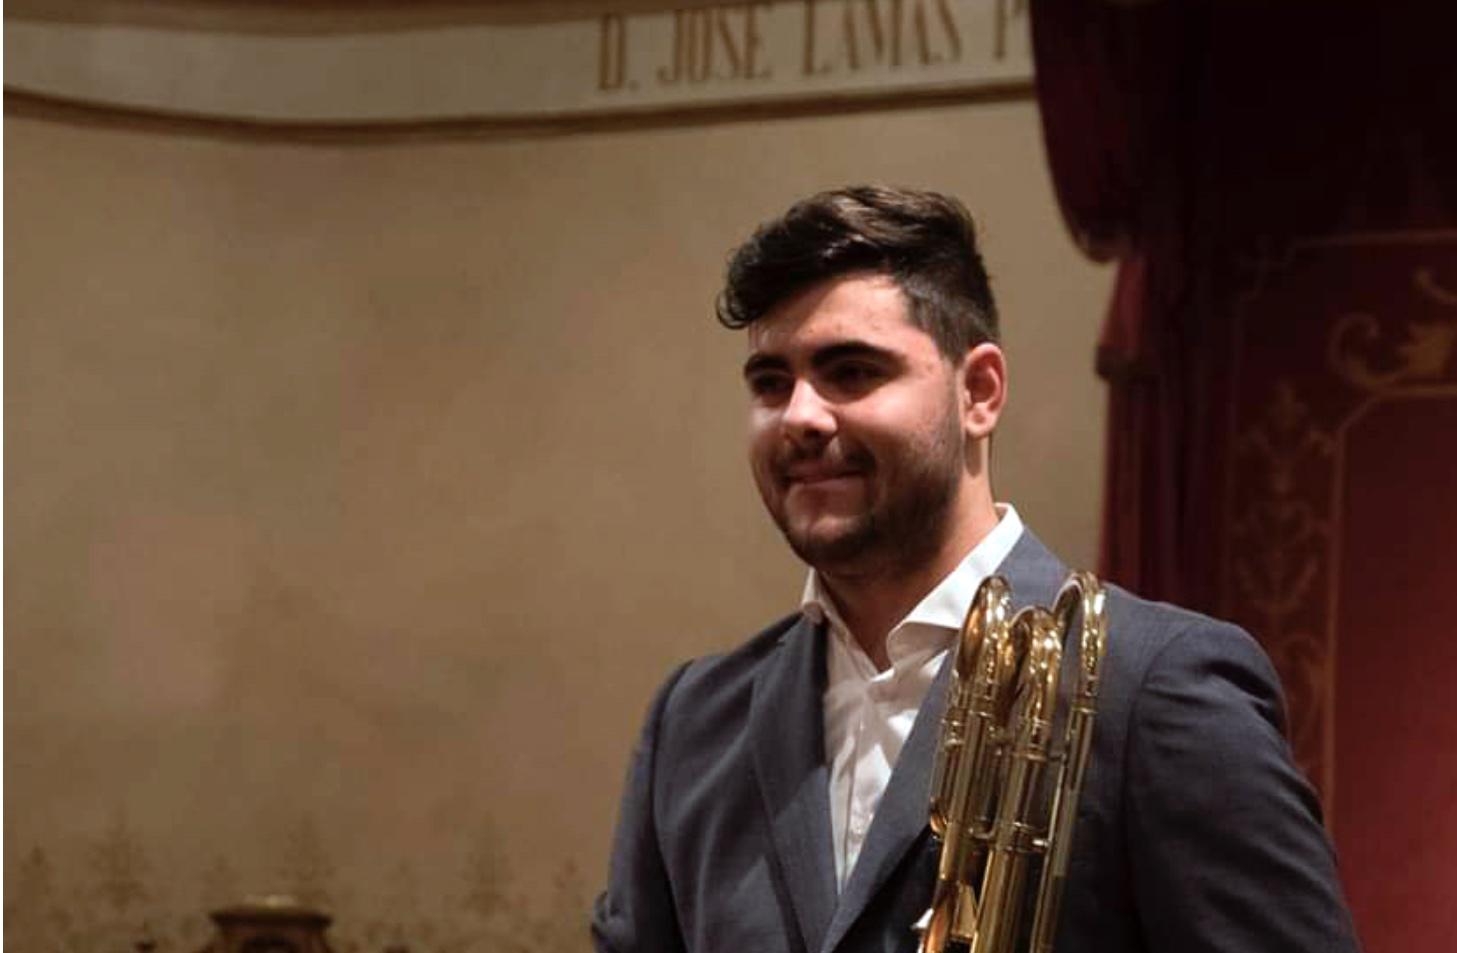 Óscar Vázquez Valiño, nuevo trombón bajo de la Sinfónica de Galicia